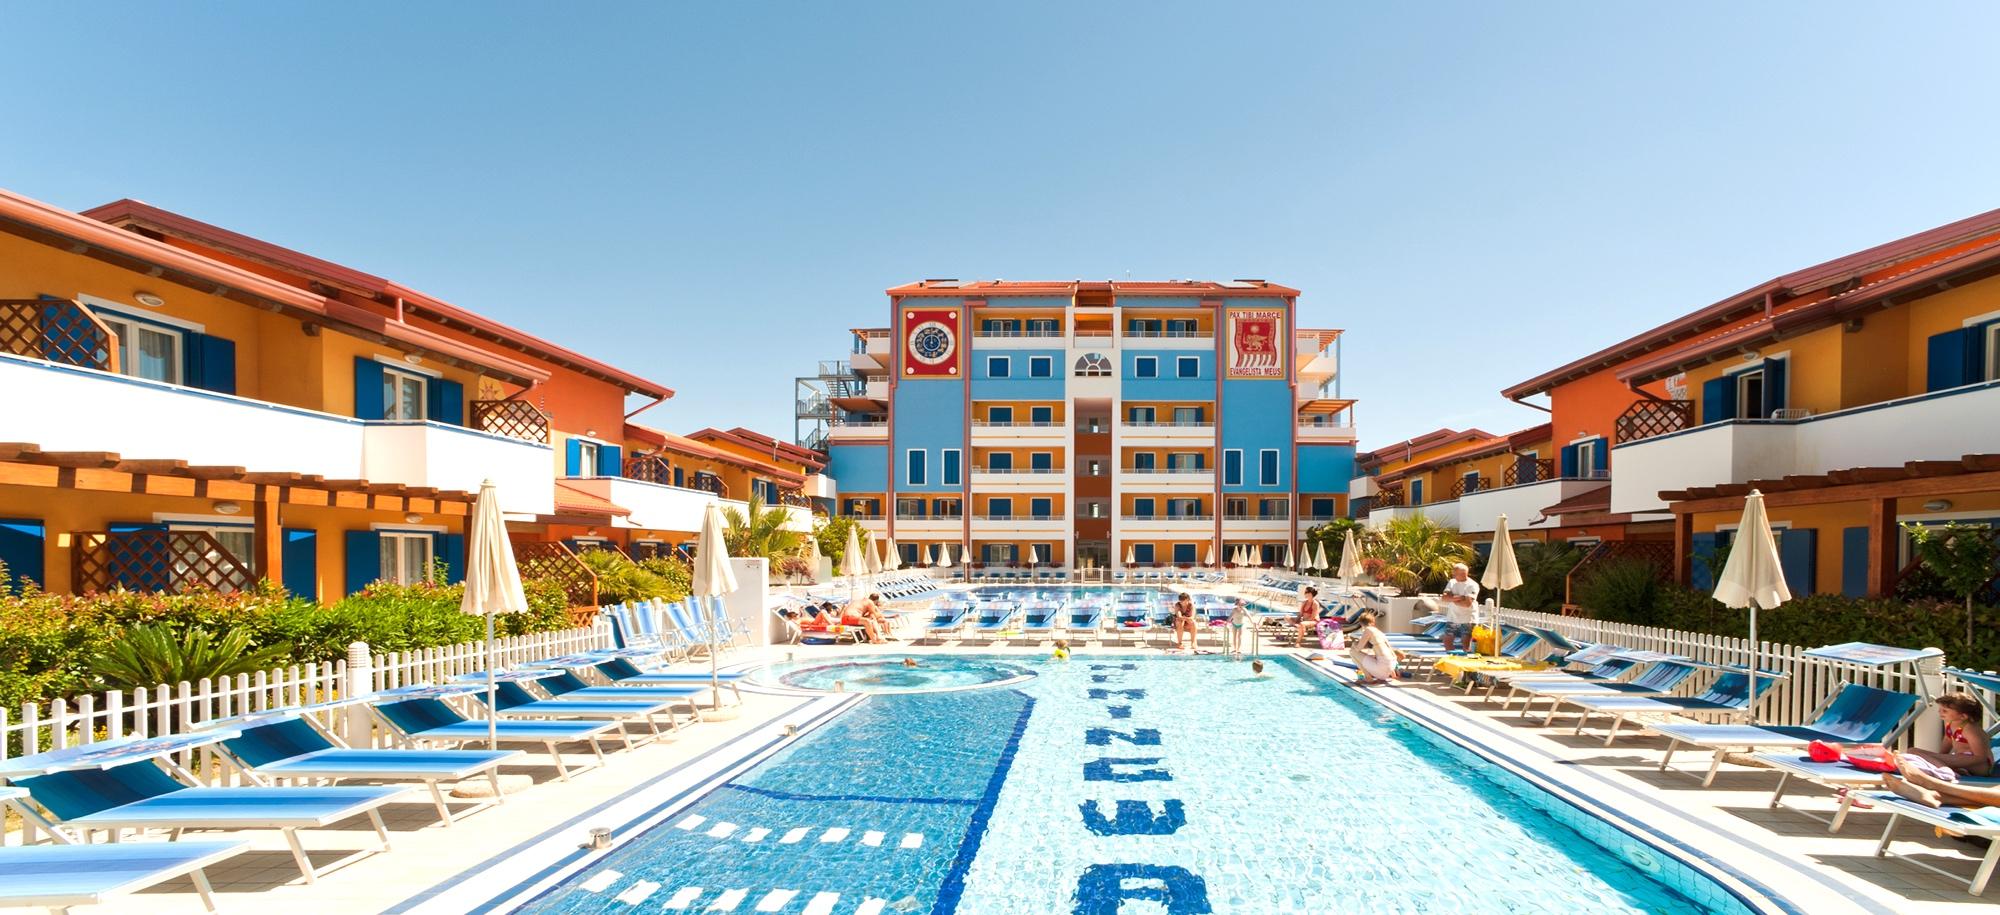 Offerte Hotel Caorle